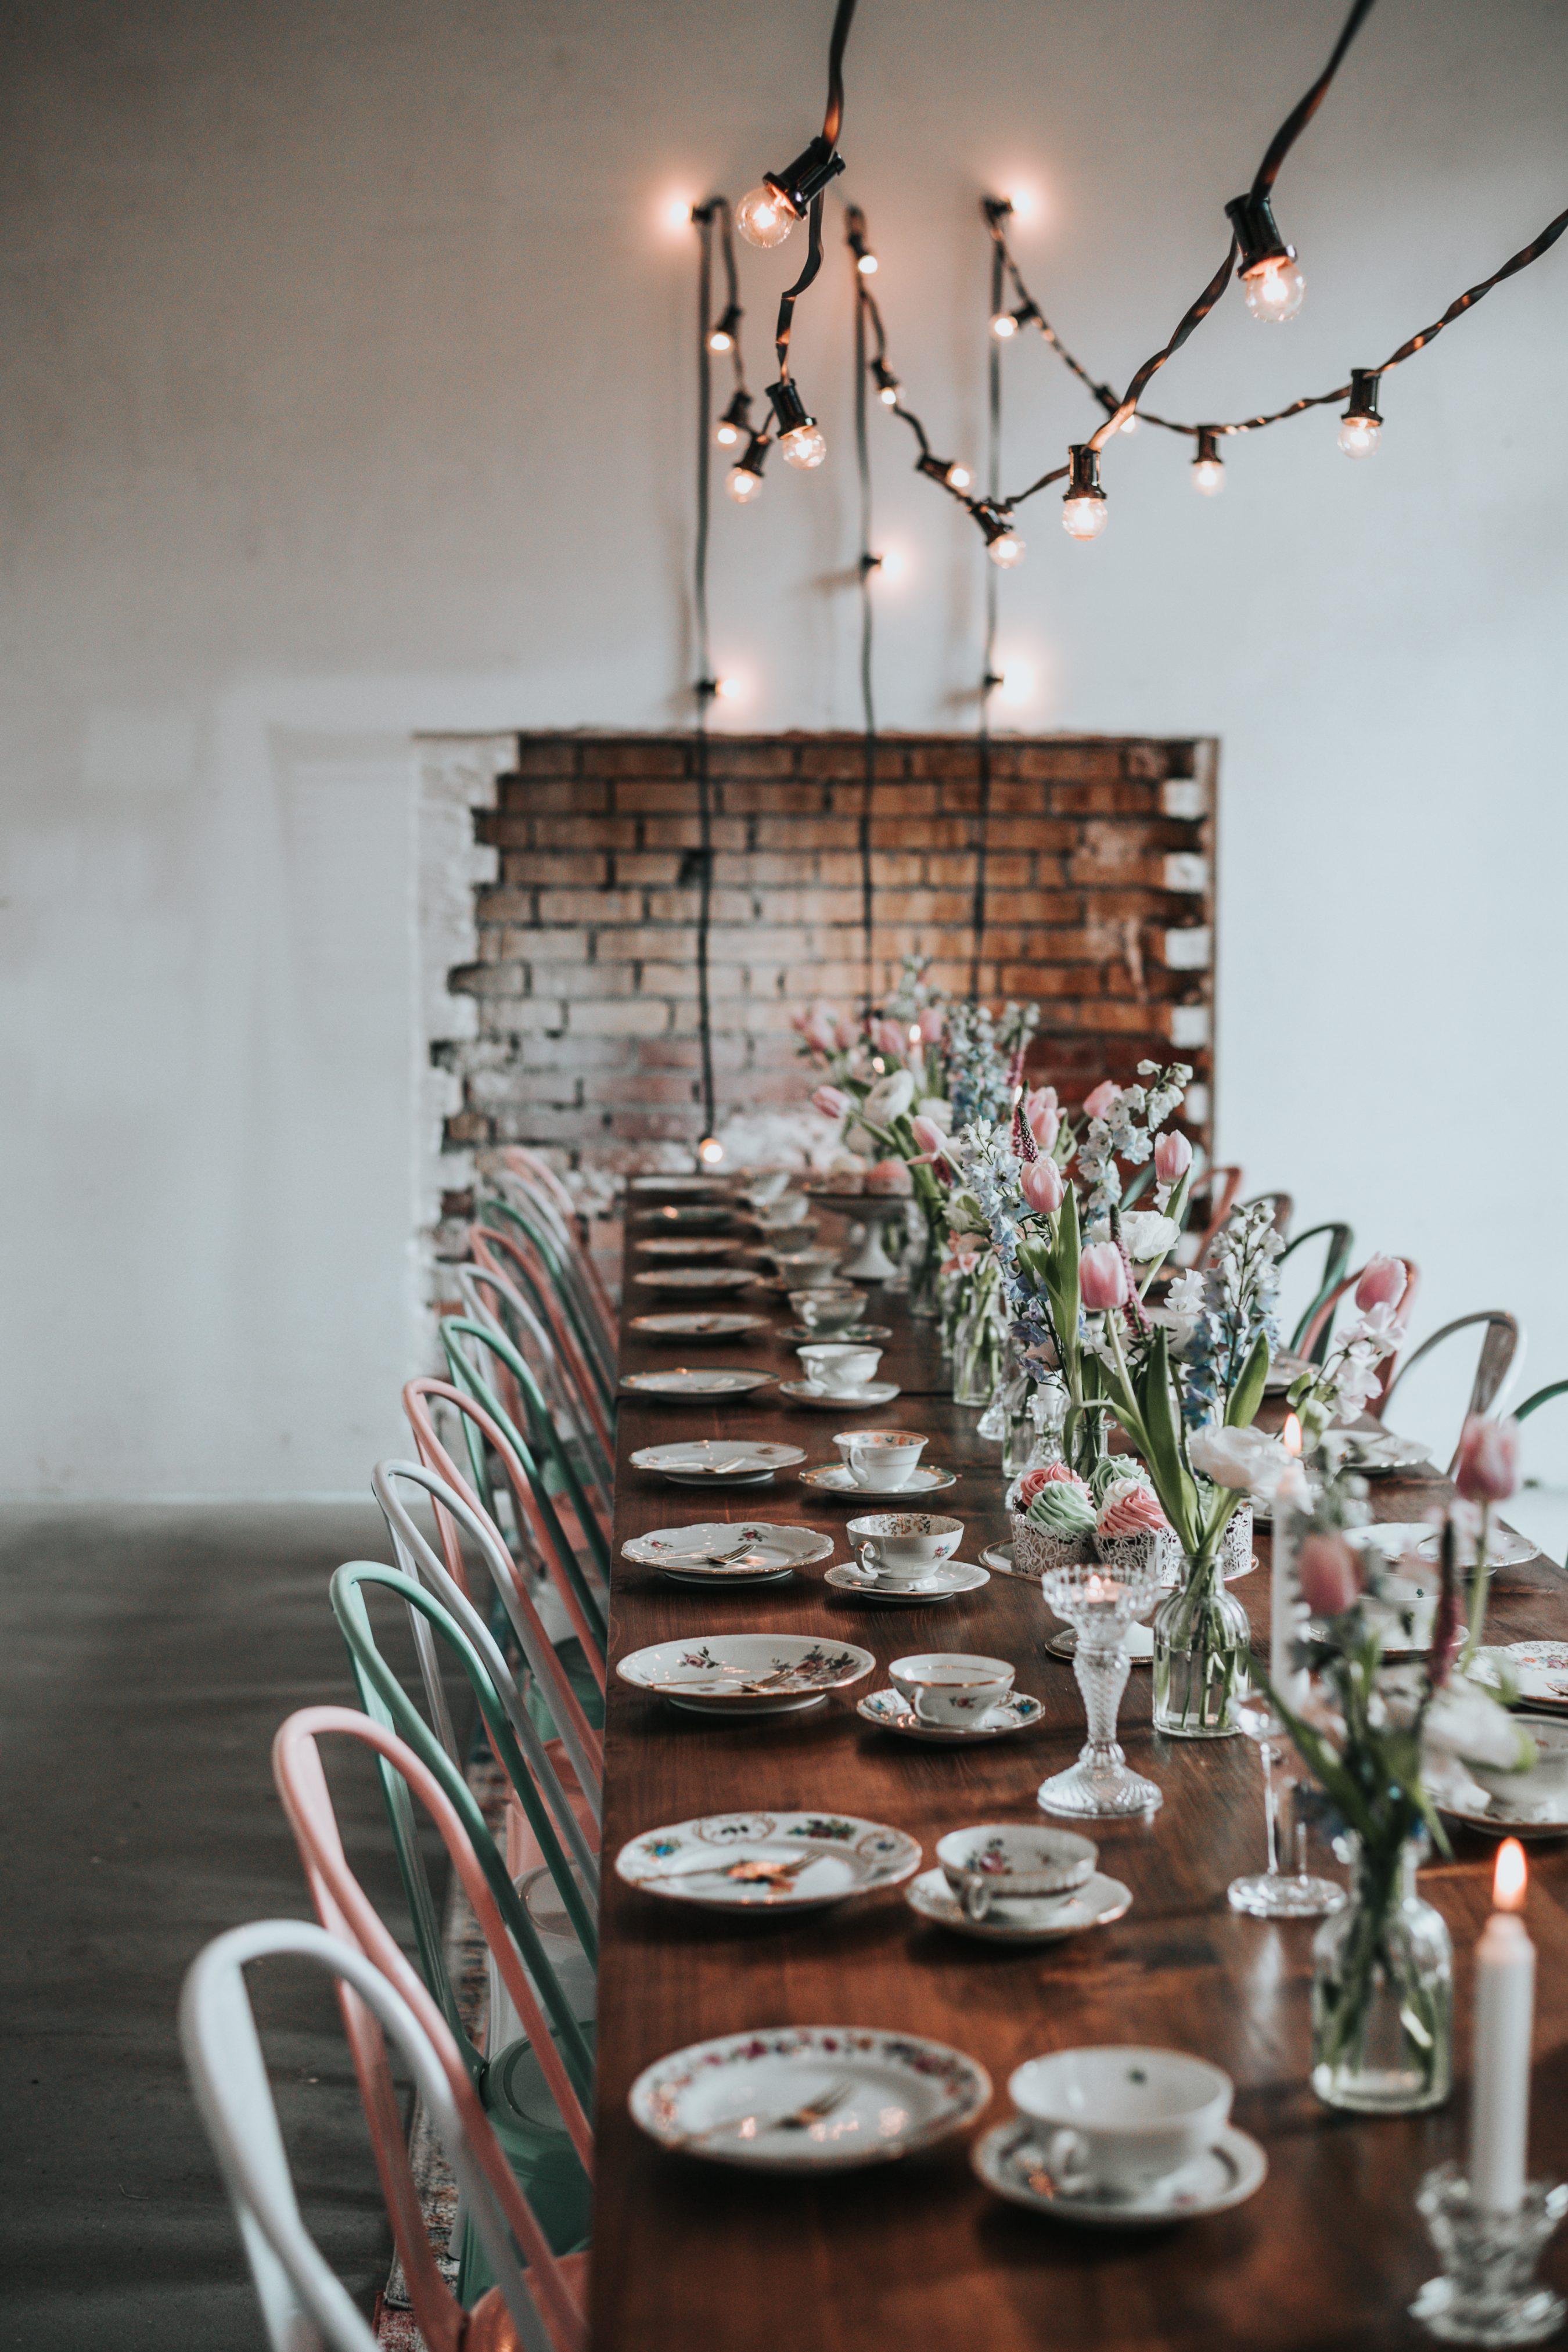 Tischdekoration Hochzeit mieten, Tischdekoration leihen für Hochzeit Berlin Brandenburg